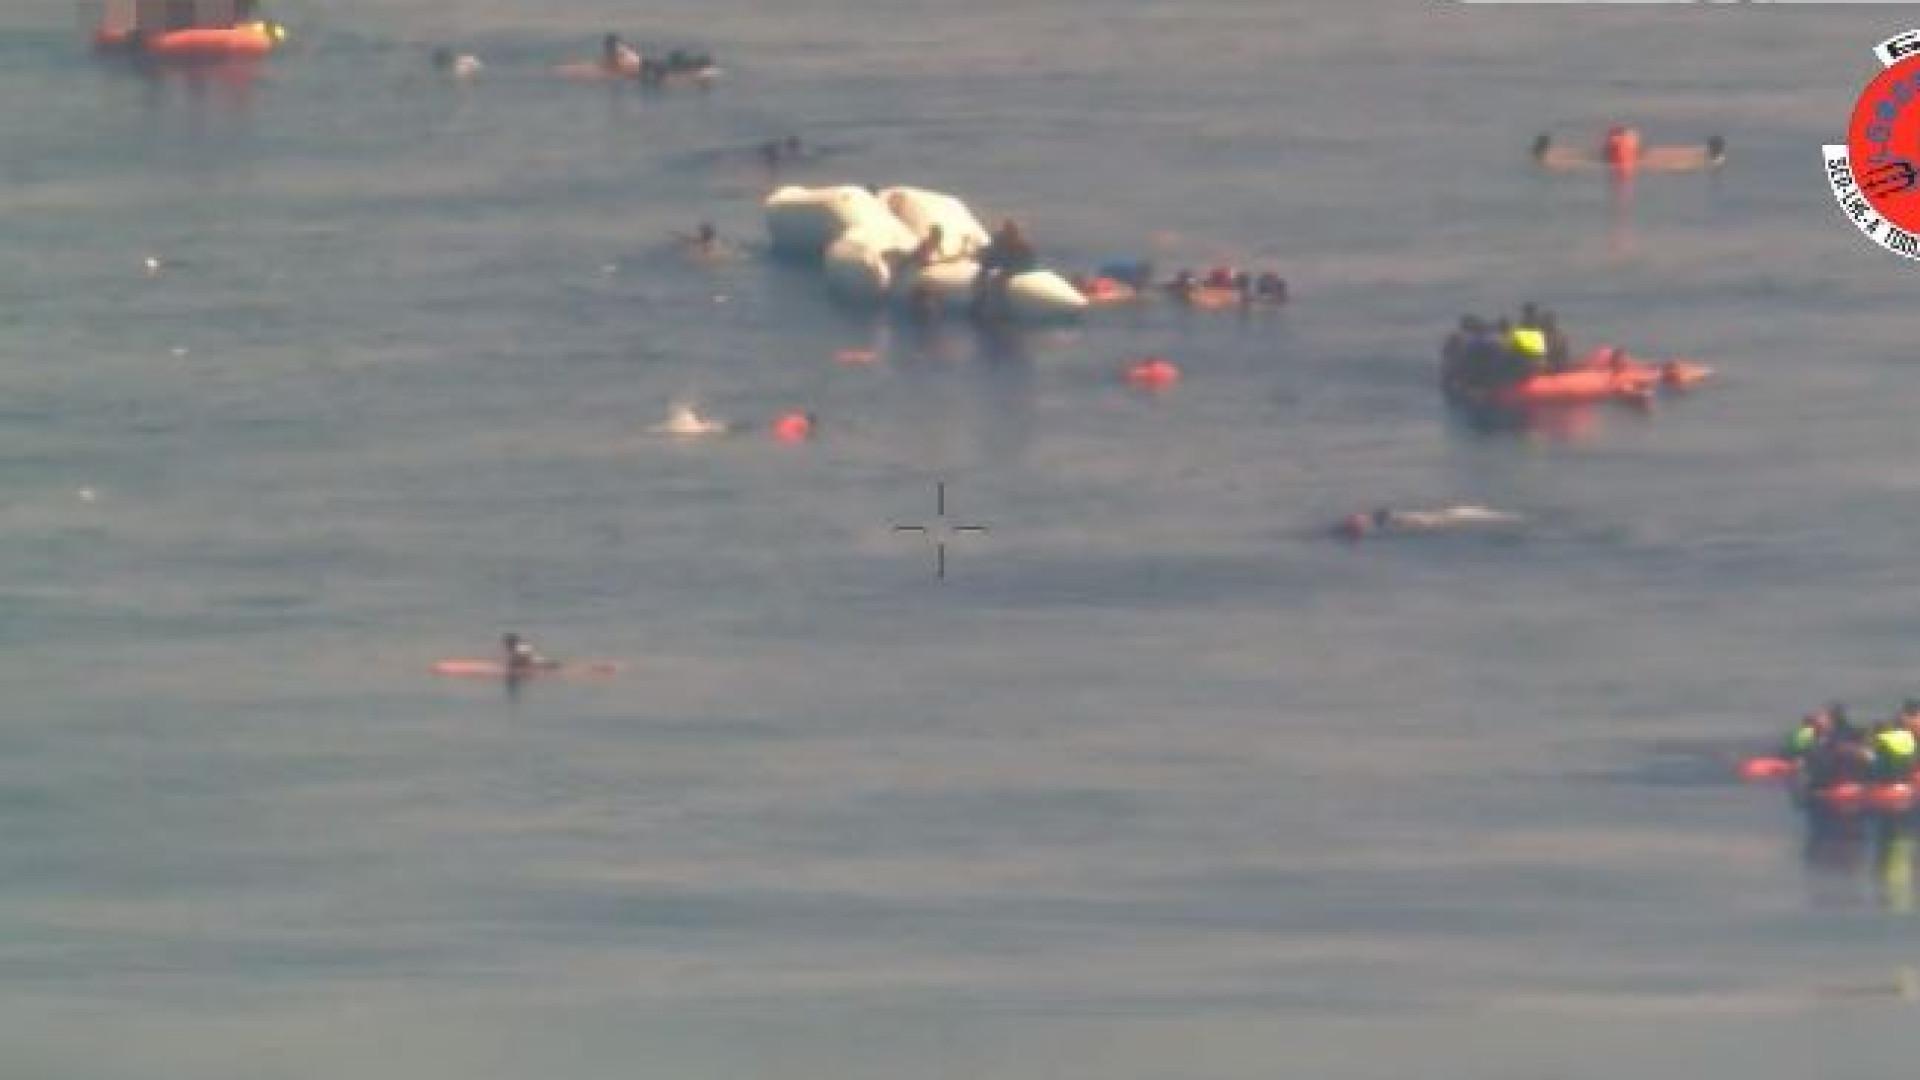 As imagens do naufrágio em que a Força Aérea salvou 150 migrantes